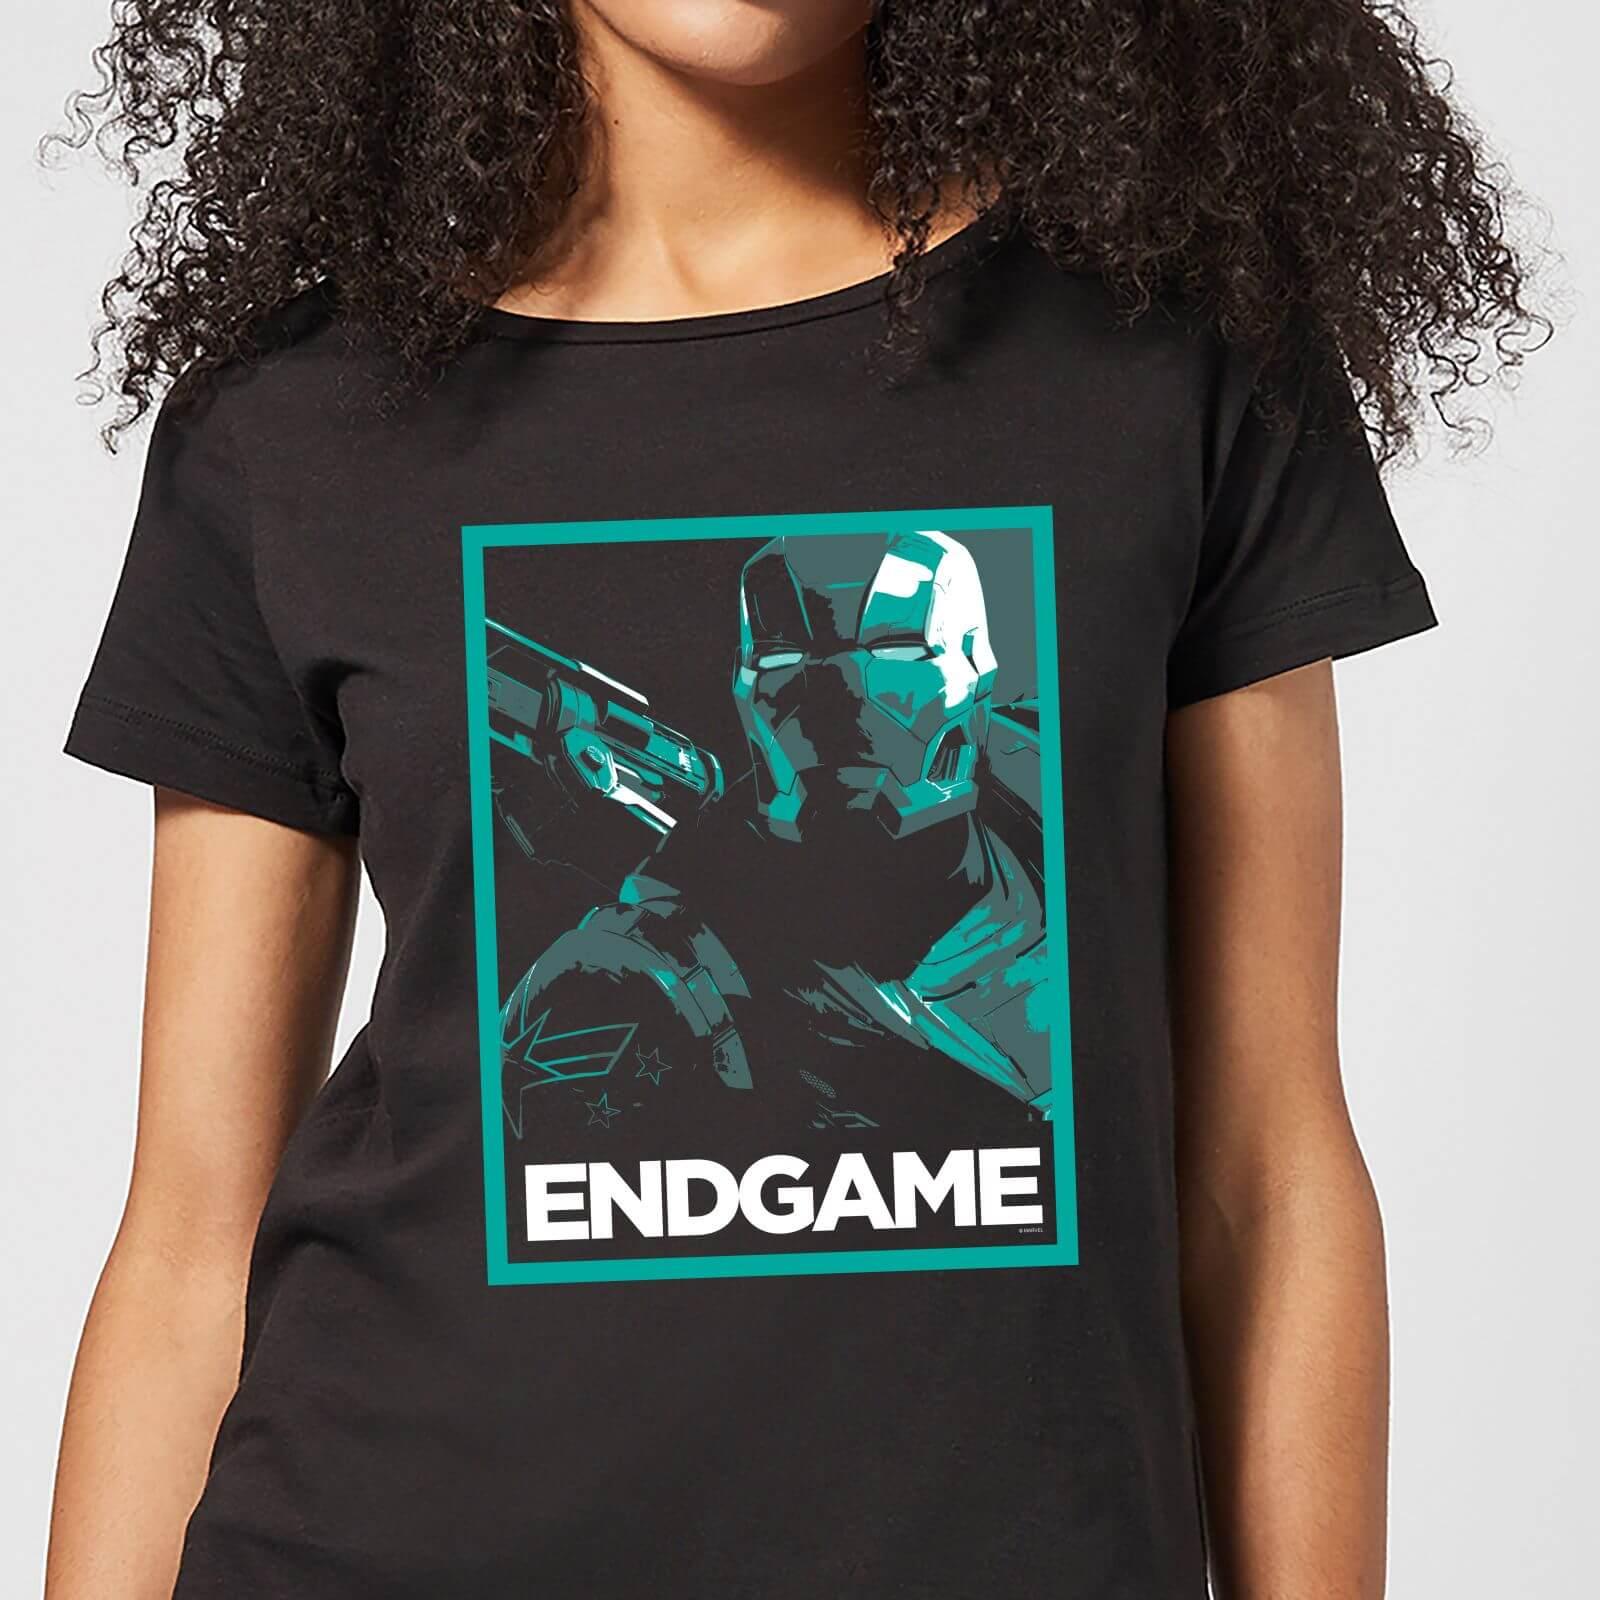 Marvel Avengers Endgame War Machine Poster Women's T-Shirt - Black - M - Black